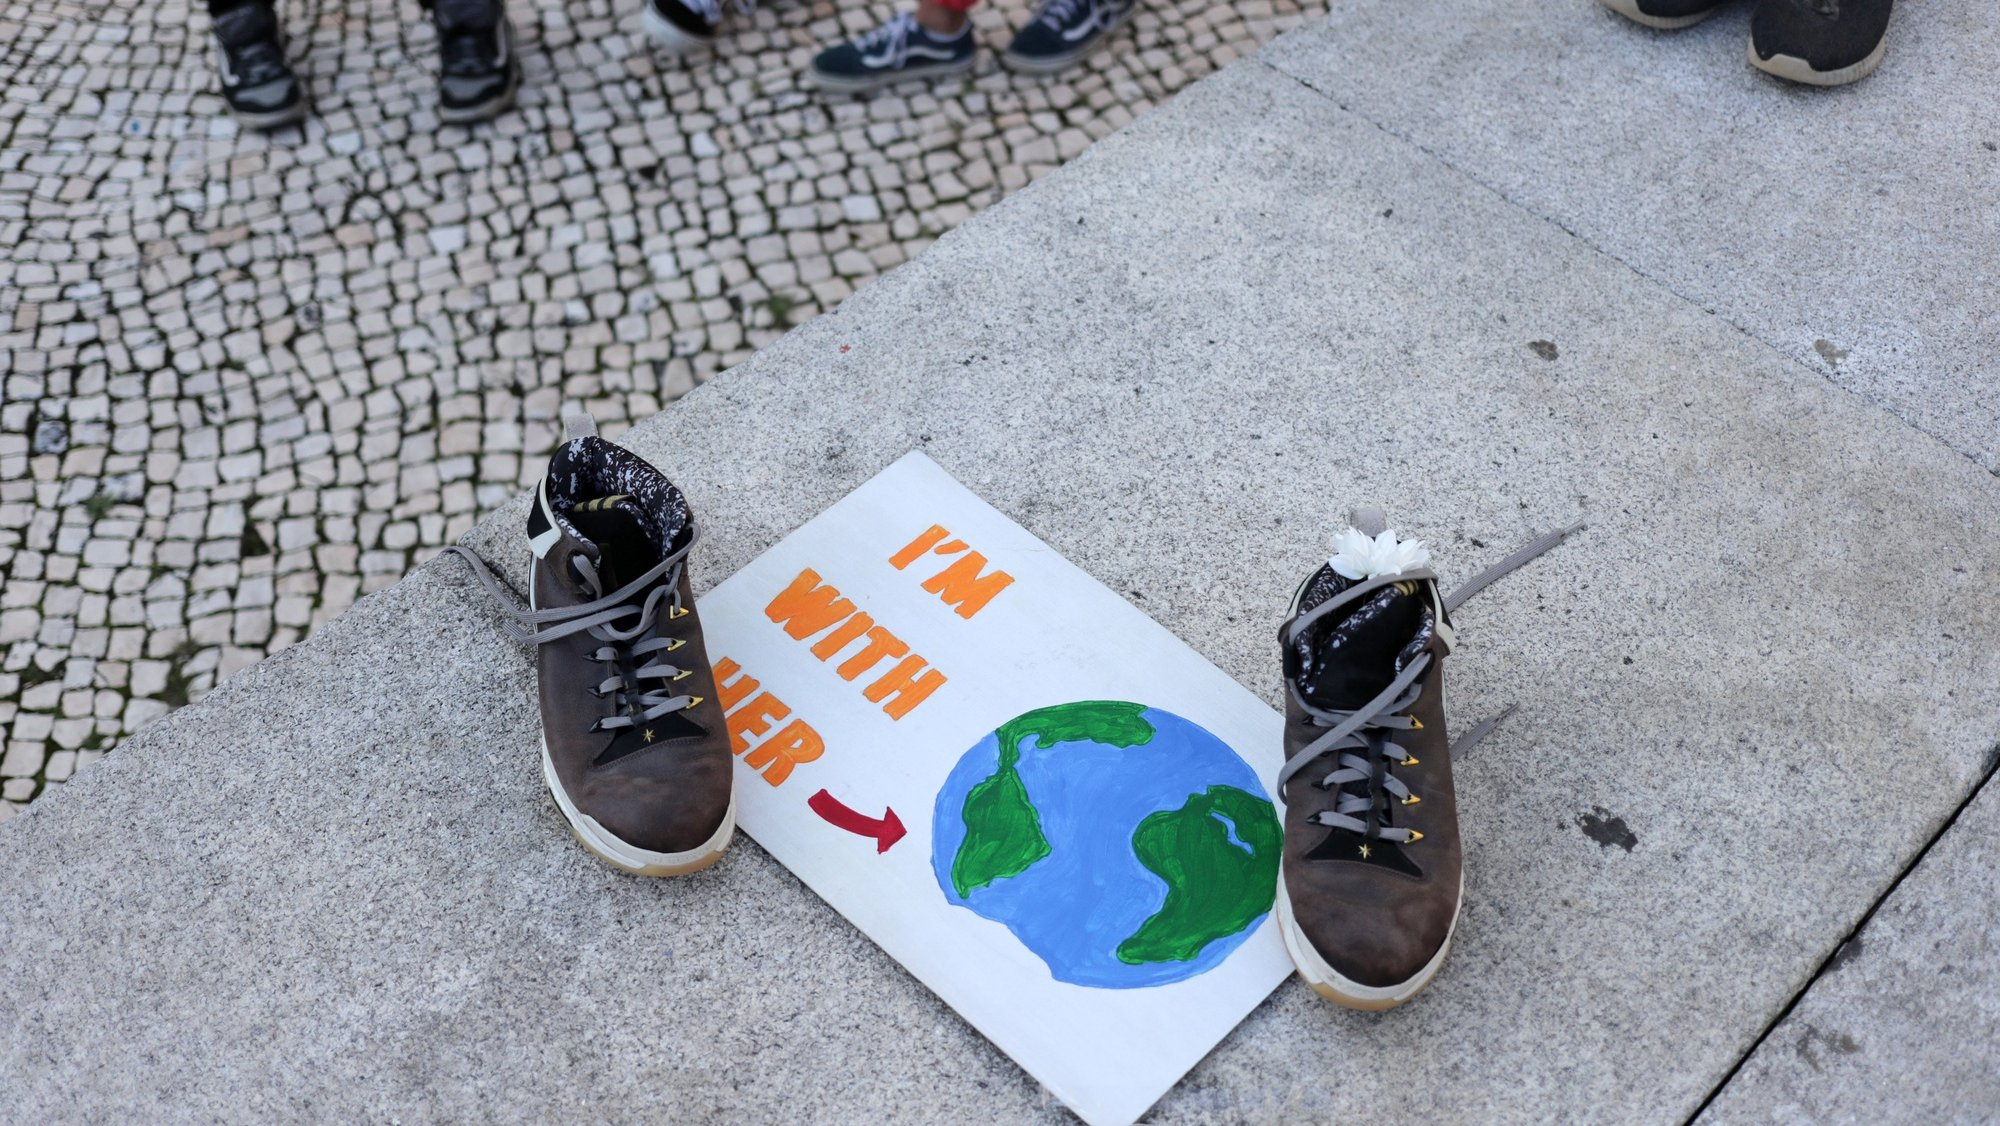 Manifestação Climática Global organizada pelo movimento Salvar o Clima, na sequência da iniciativa internacional liderada pela ativista sueca Greta Thunberg destinada a exigir medidas ambientais em defesa do planeta, no Porto, 25 de setembro de 2020. ESTELA SILVA/LUSA